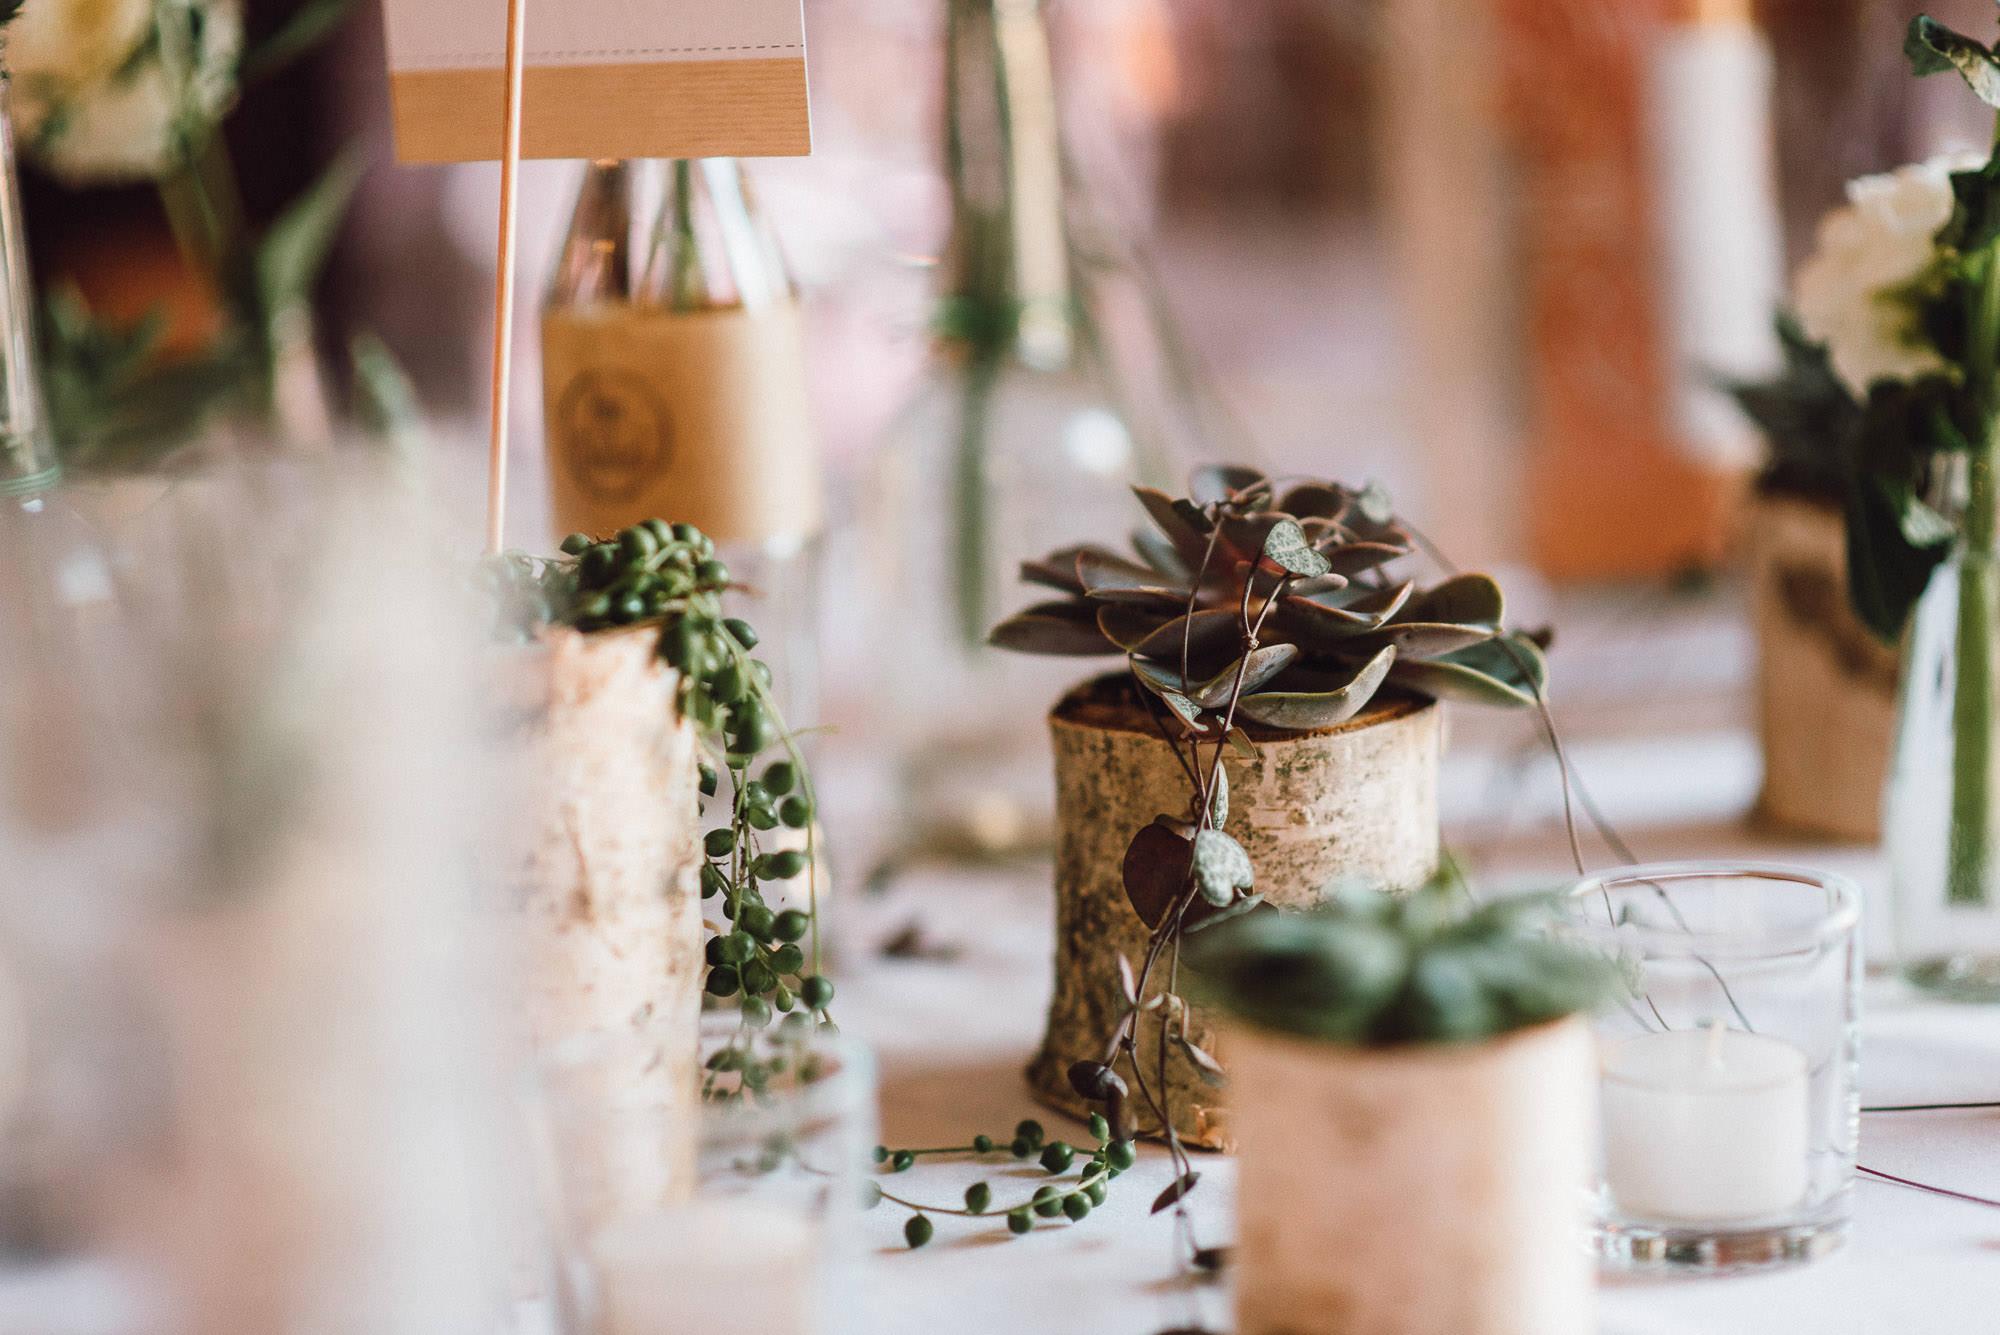 greenery-wedding-hochzeit-prielhof-sukkulenten-scheyern-lauraelenaphotography-099